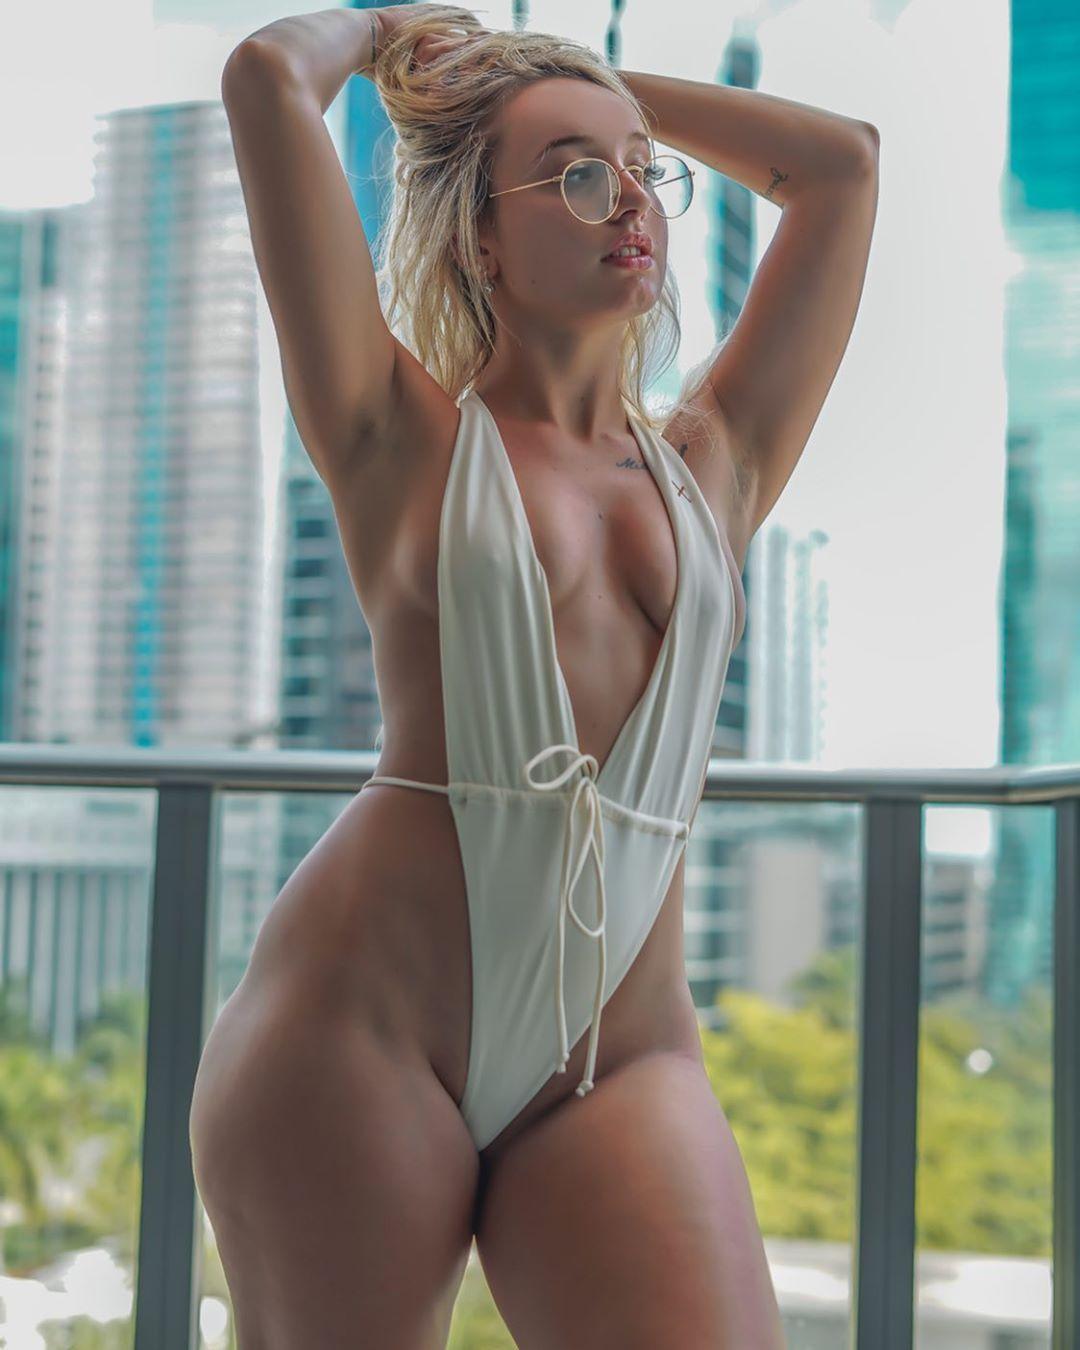 Jenni Niemaann Sexy & Topless 0095